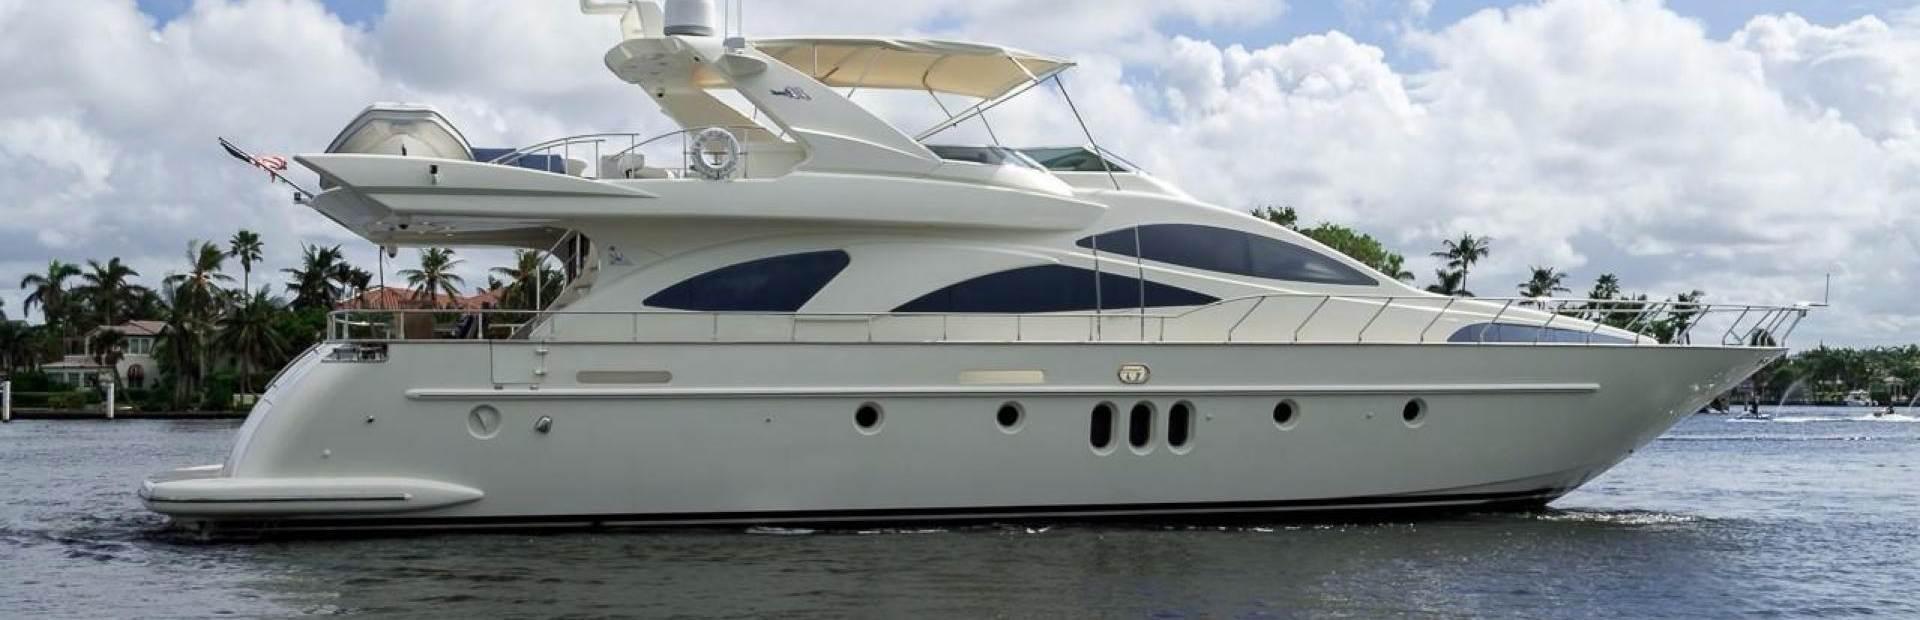 Azimut 80 Carat Yacht Charter